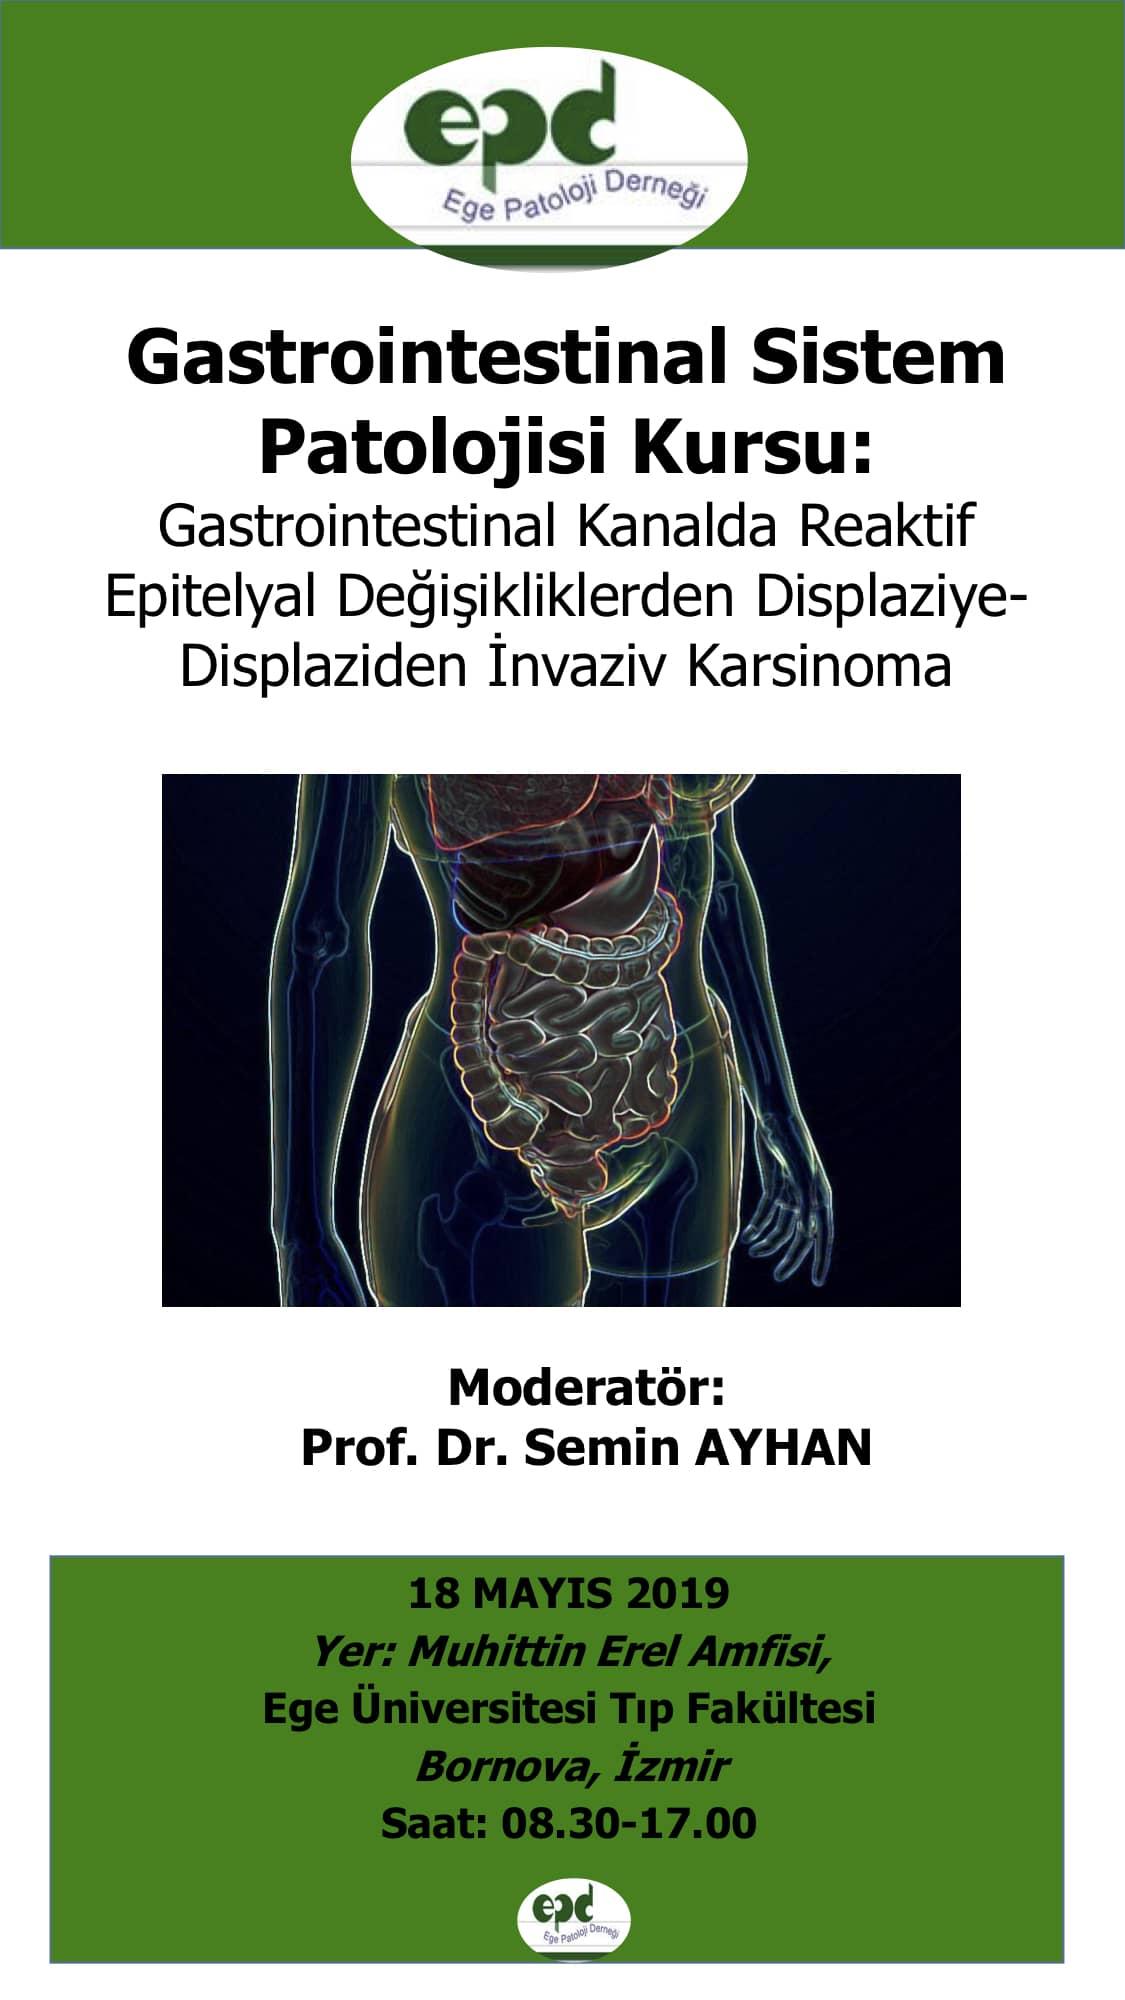 18 Mayıs 2019 - Gastrointestinal Sistem Patolojisi Kursu